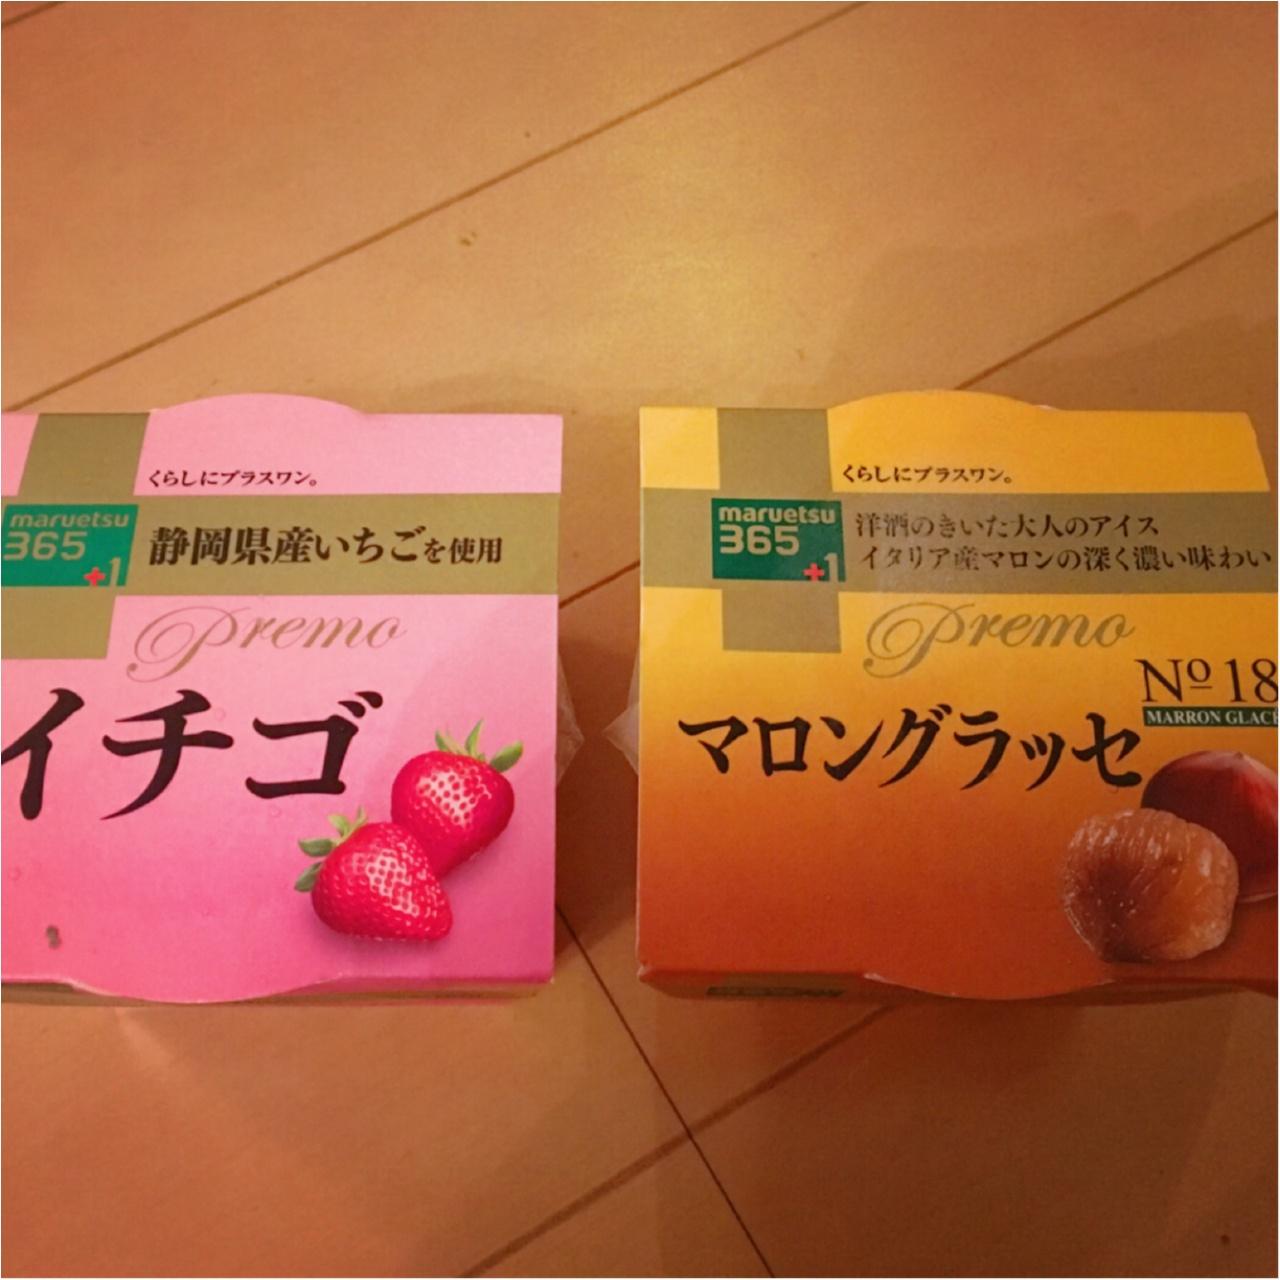 ▶▶美味しいアイスはコンビニだけじゃない☺【maruetsu365】の≪premo≫シリーズをチェック!!☺_2